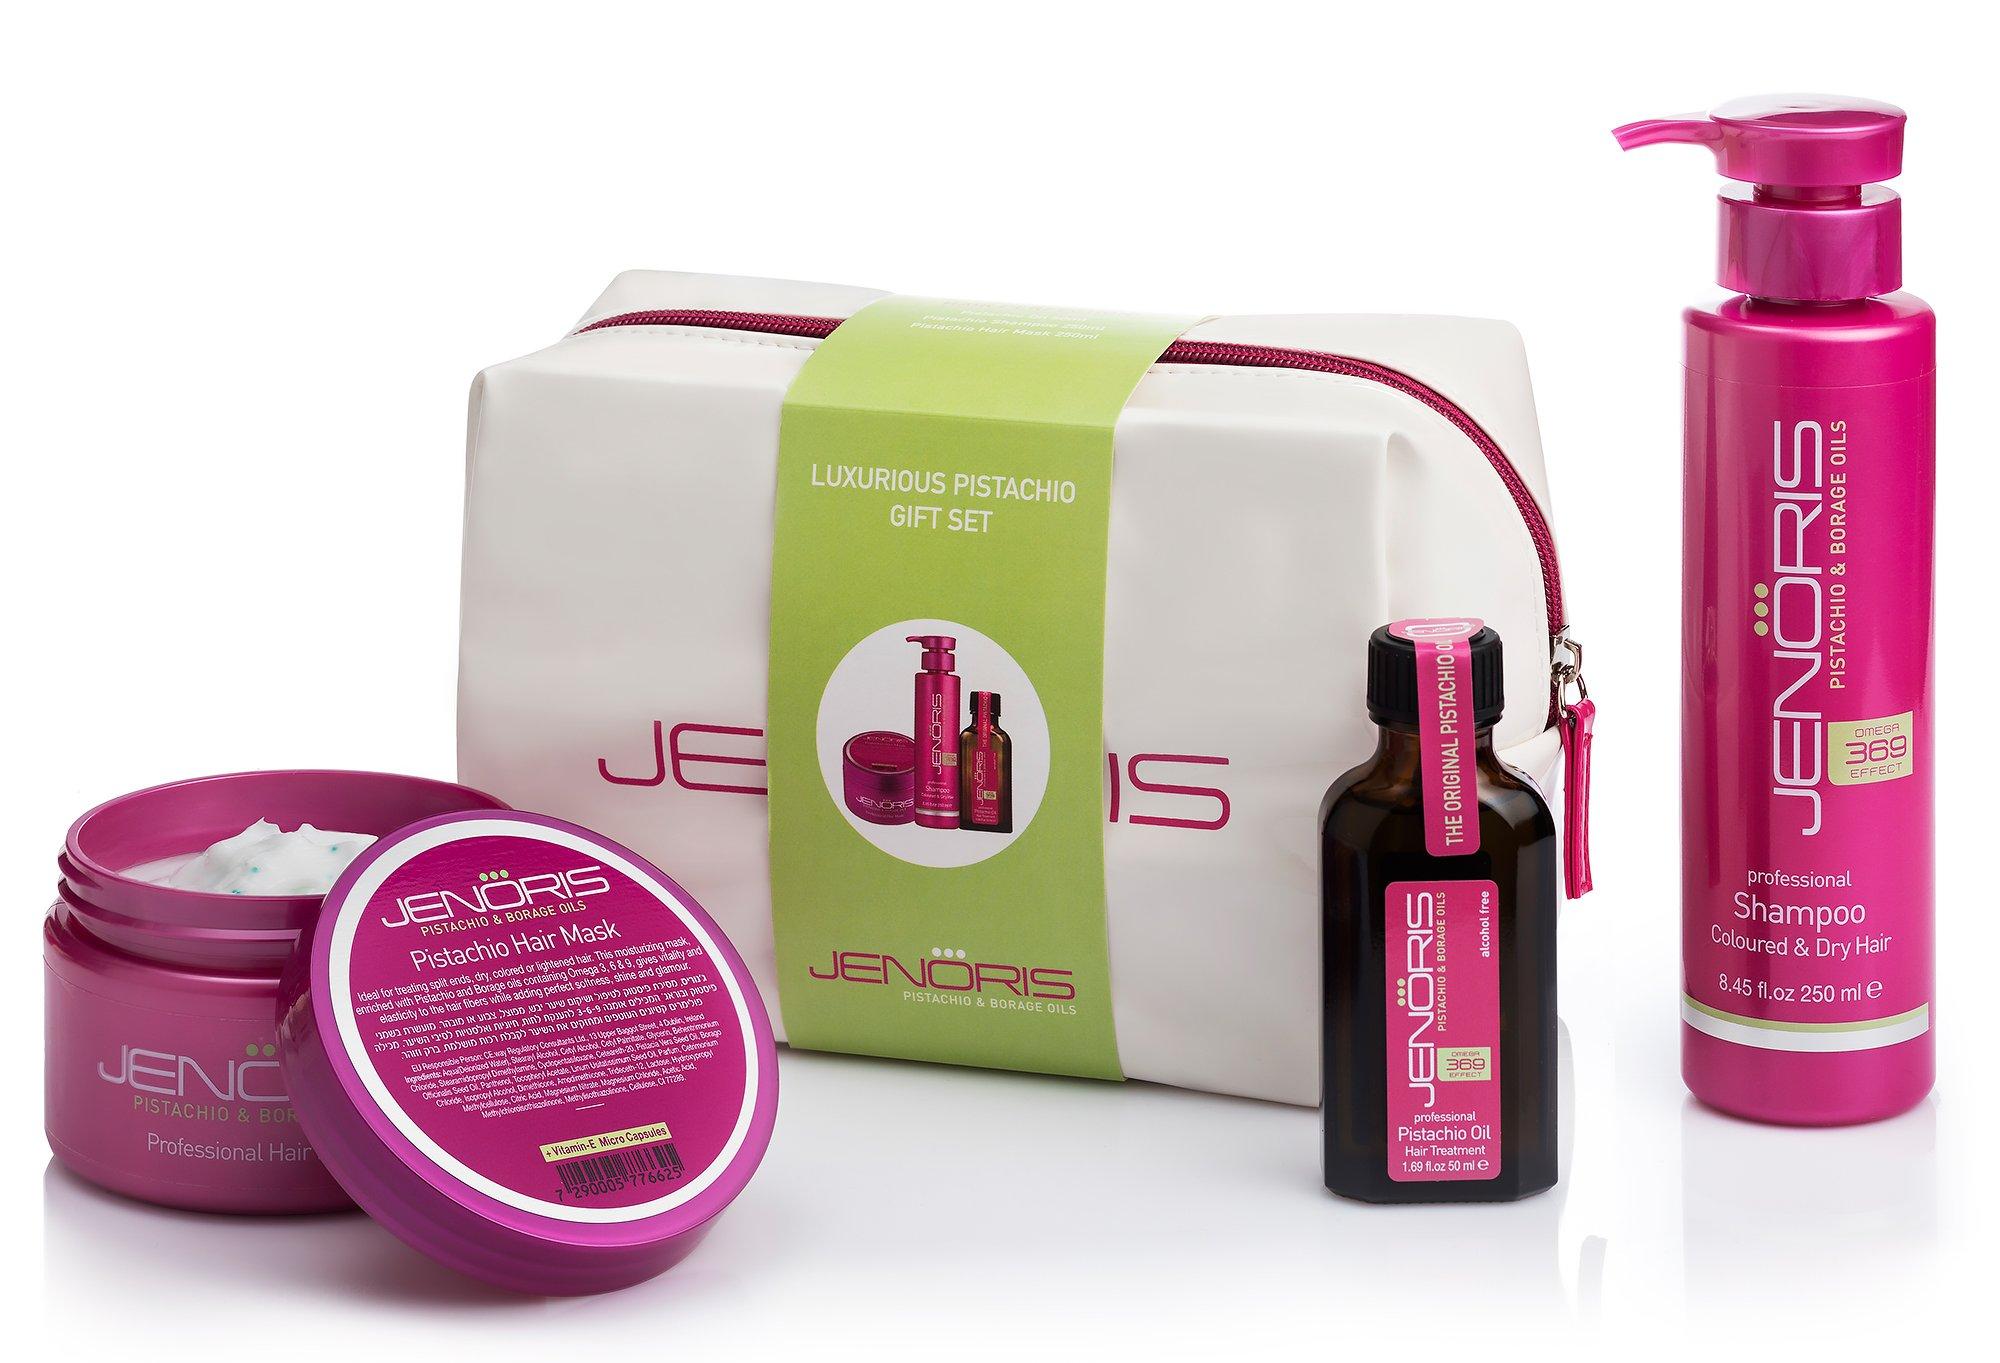 Jenoris Pistachio Oil Kit Hair Treatmen Buy Online In China At Desertcart